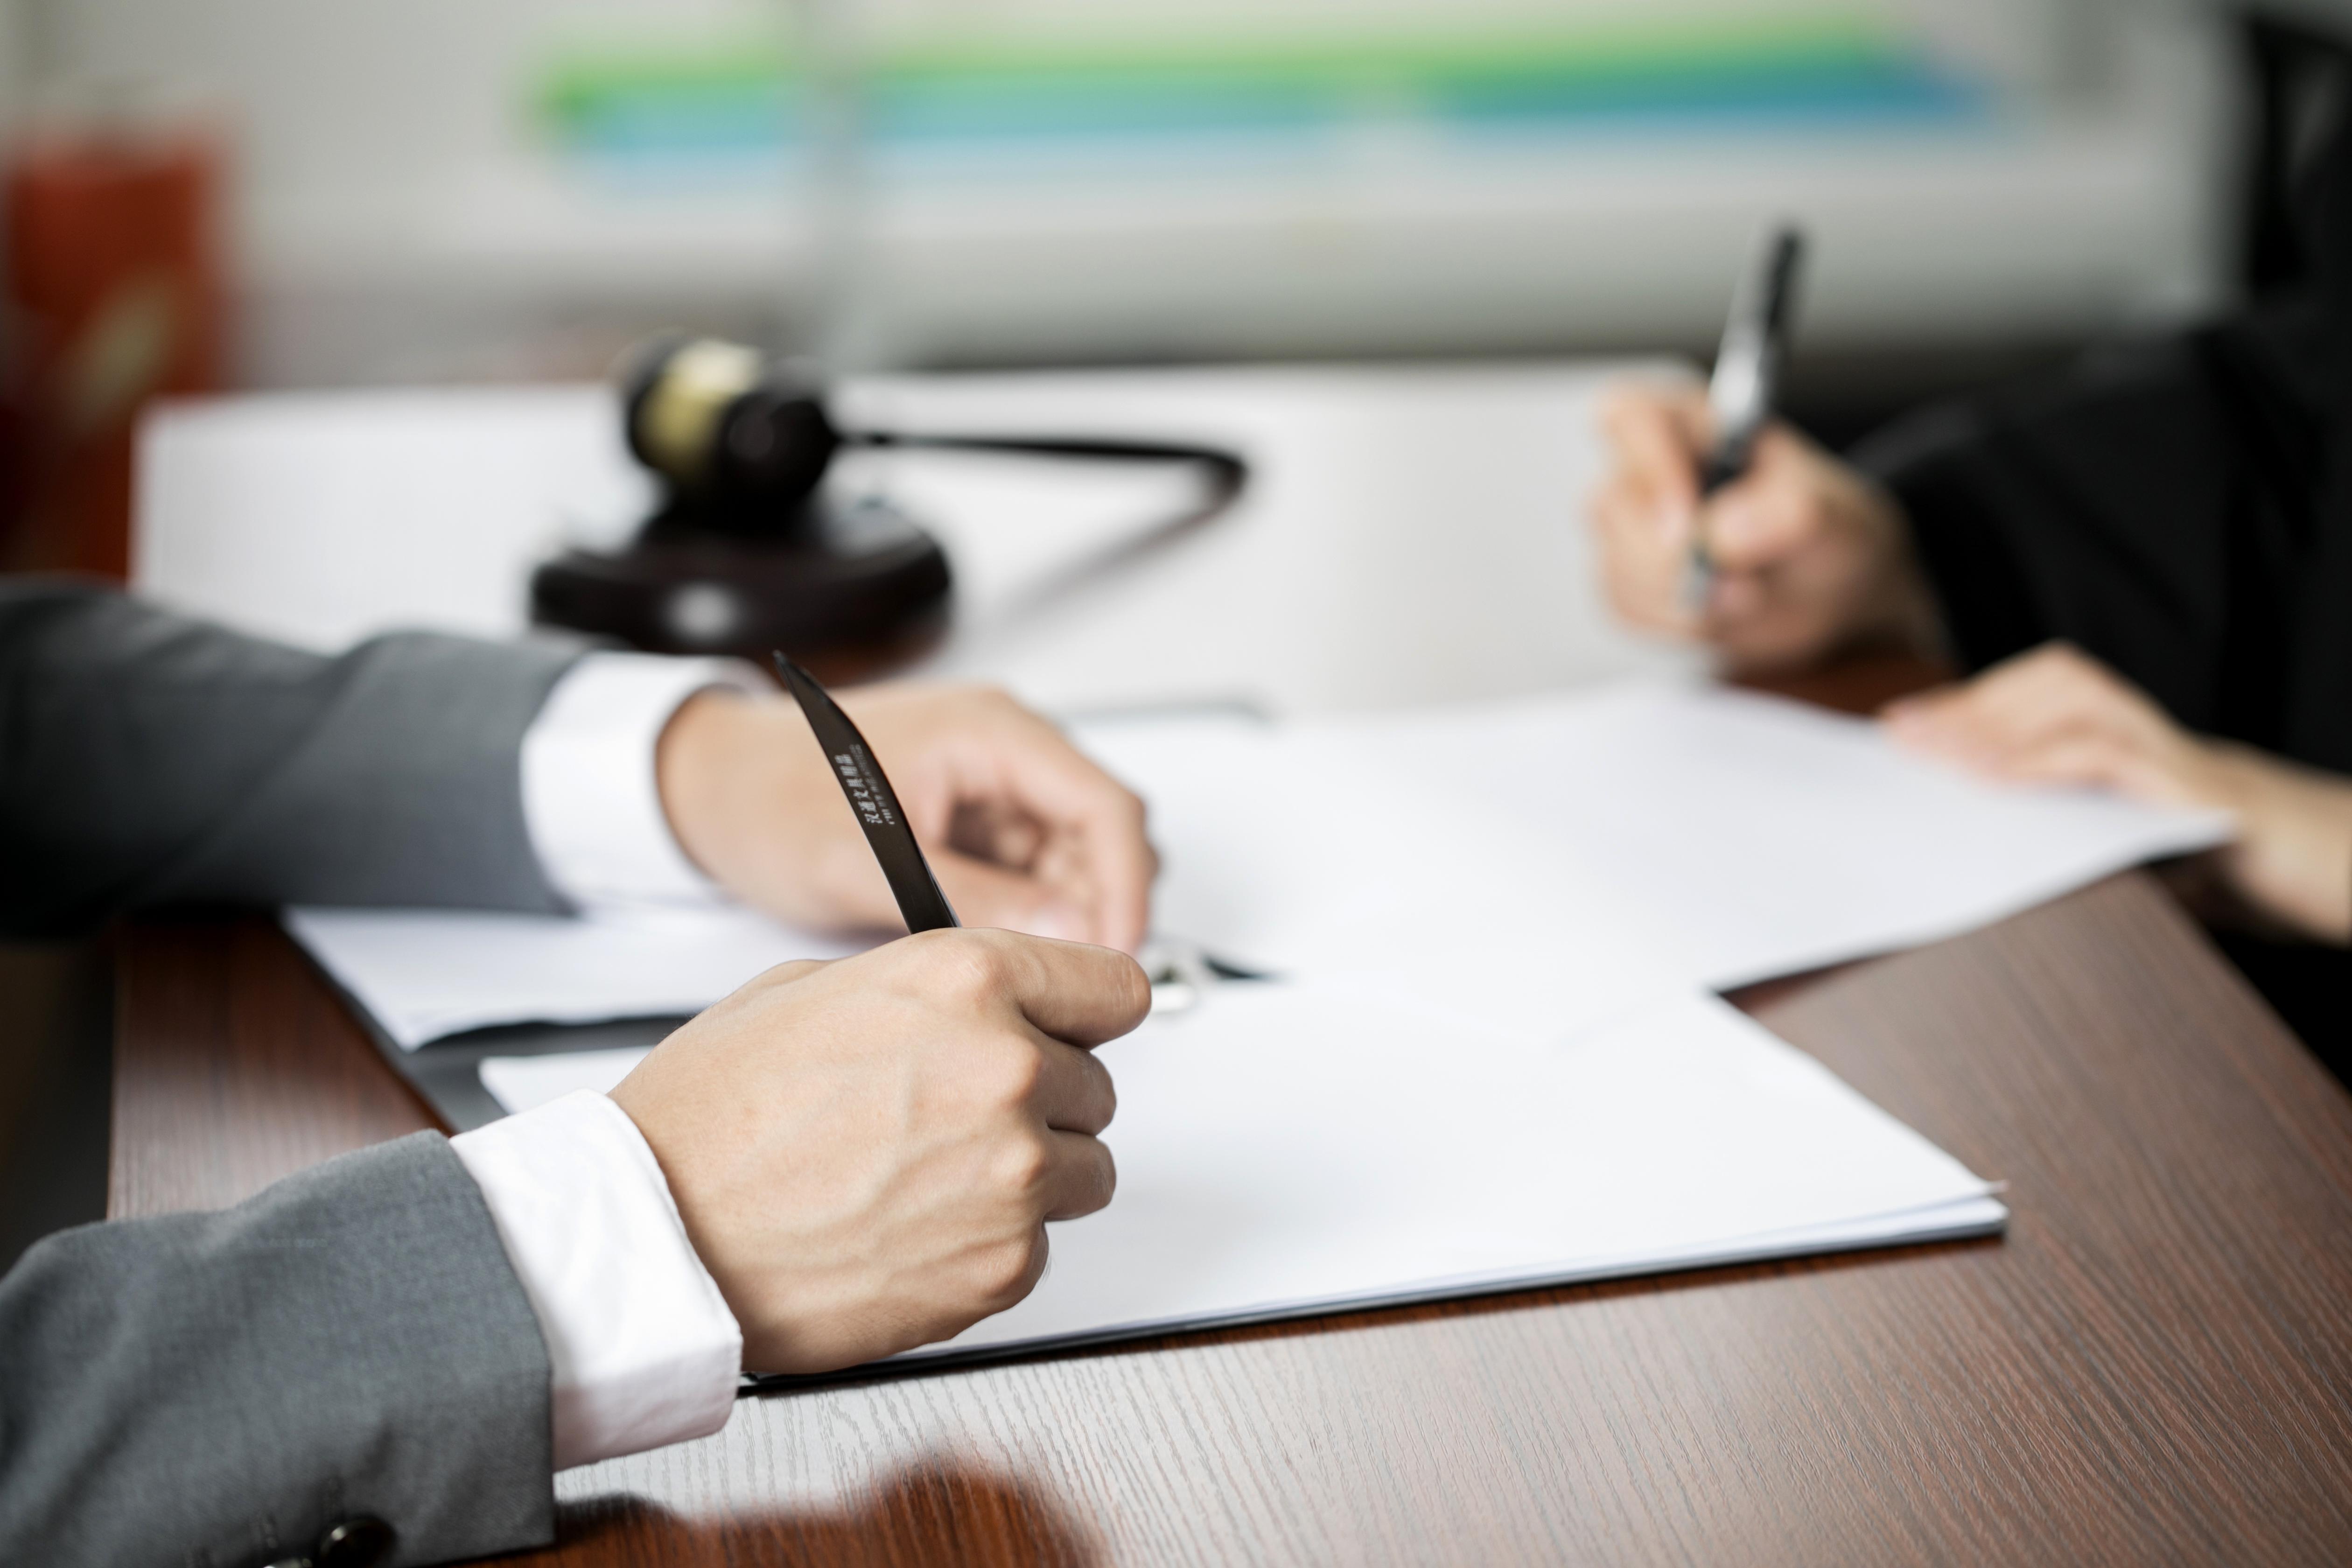 退休返聘重新签订的是劳动合同还是劳务合同?